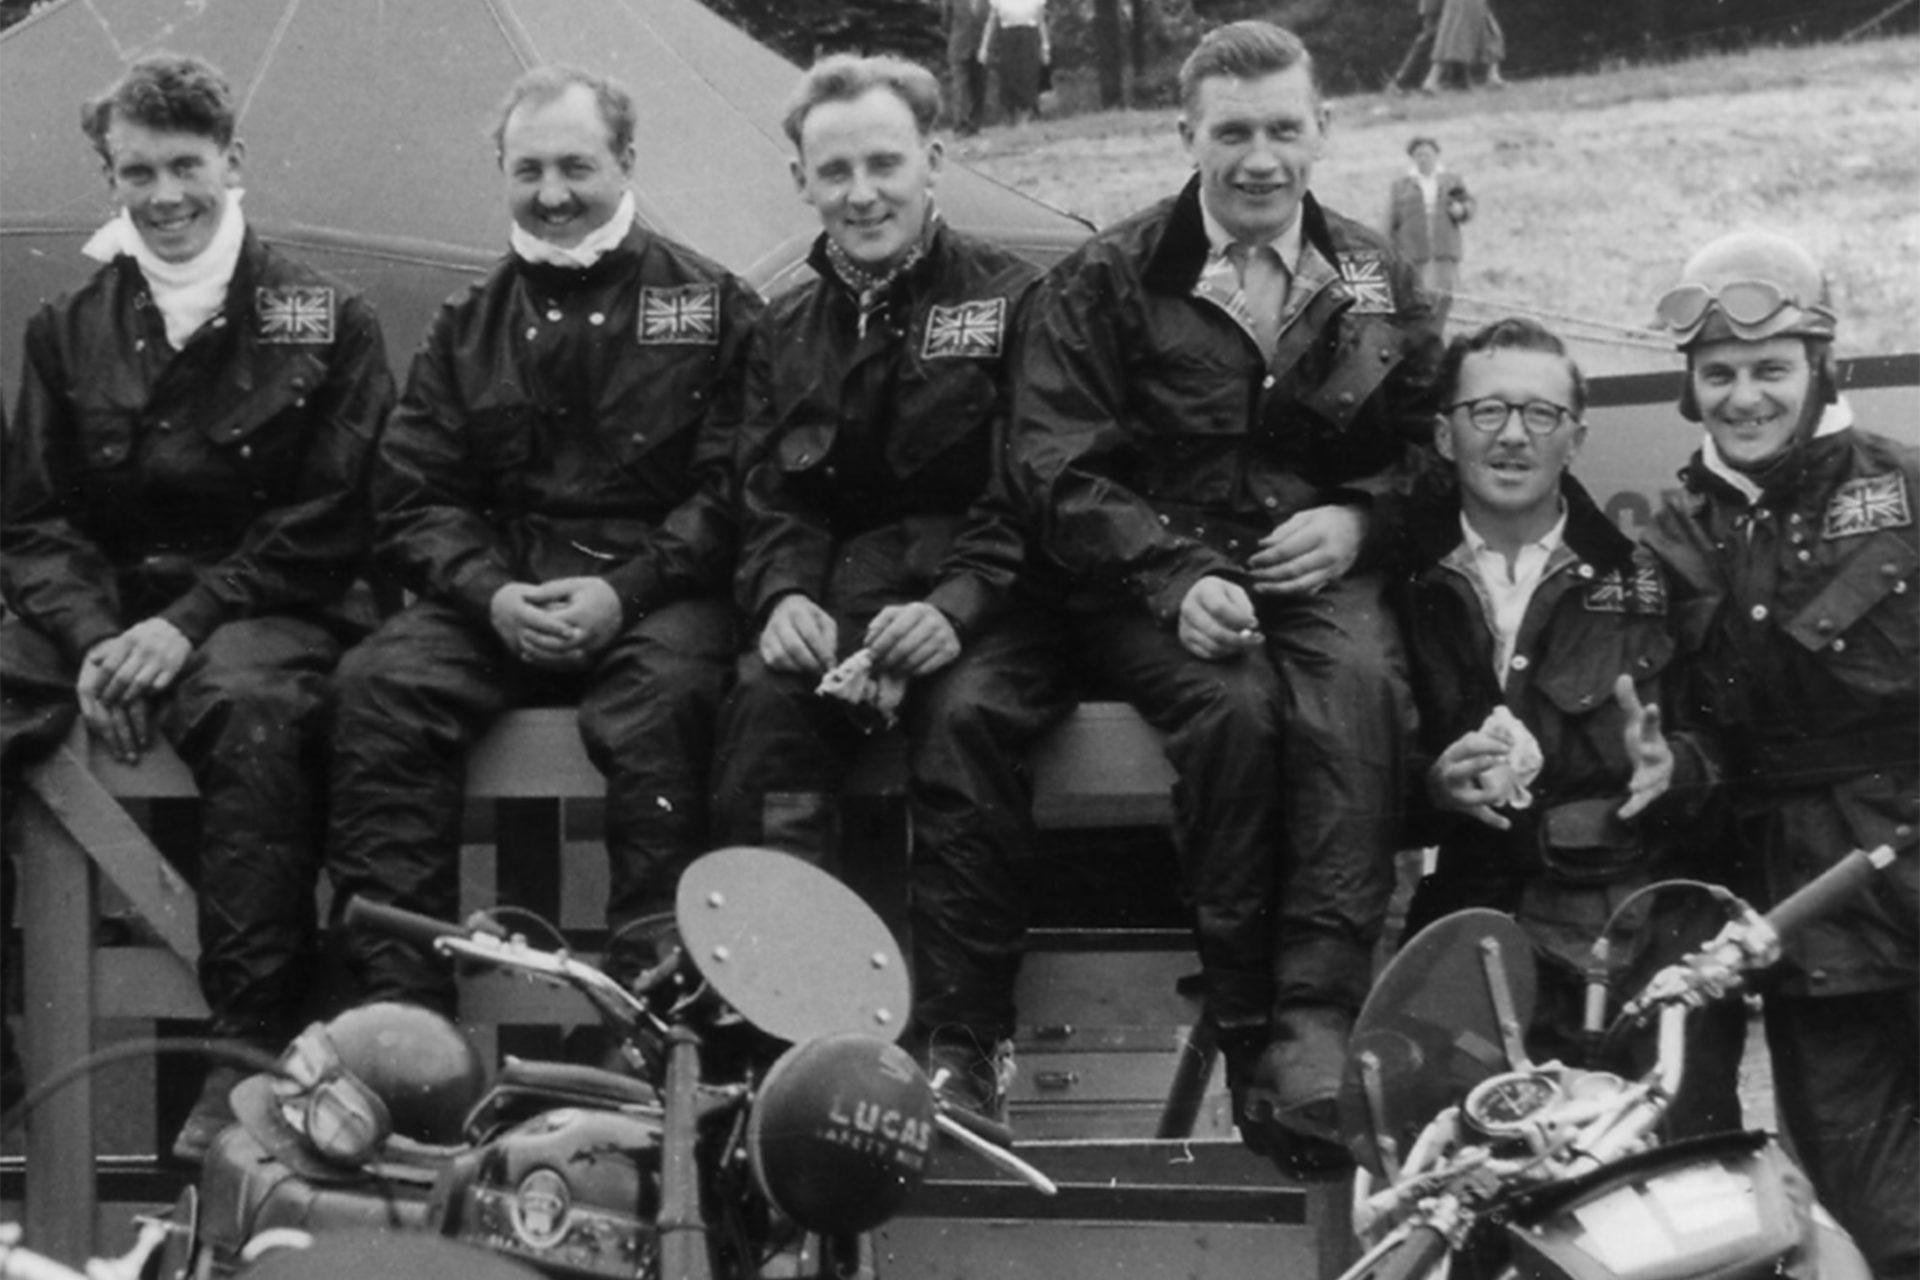 Barbour et le monde de la moto